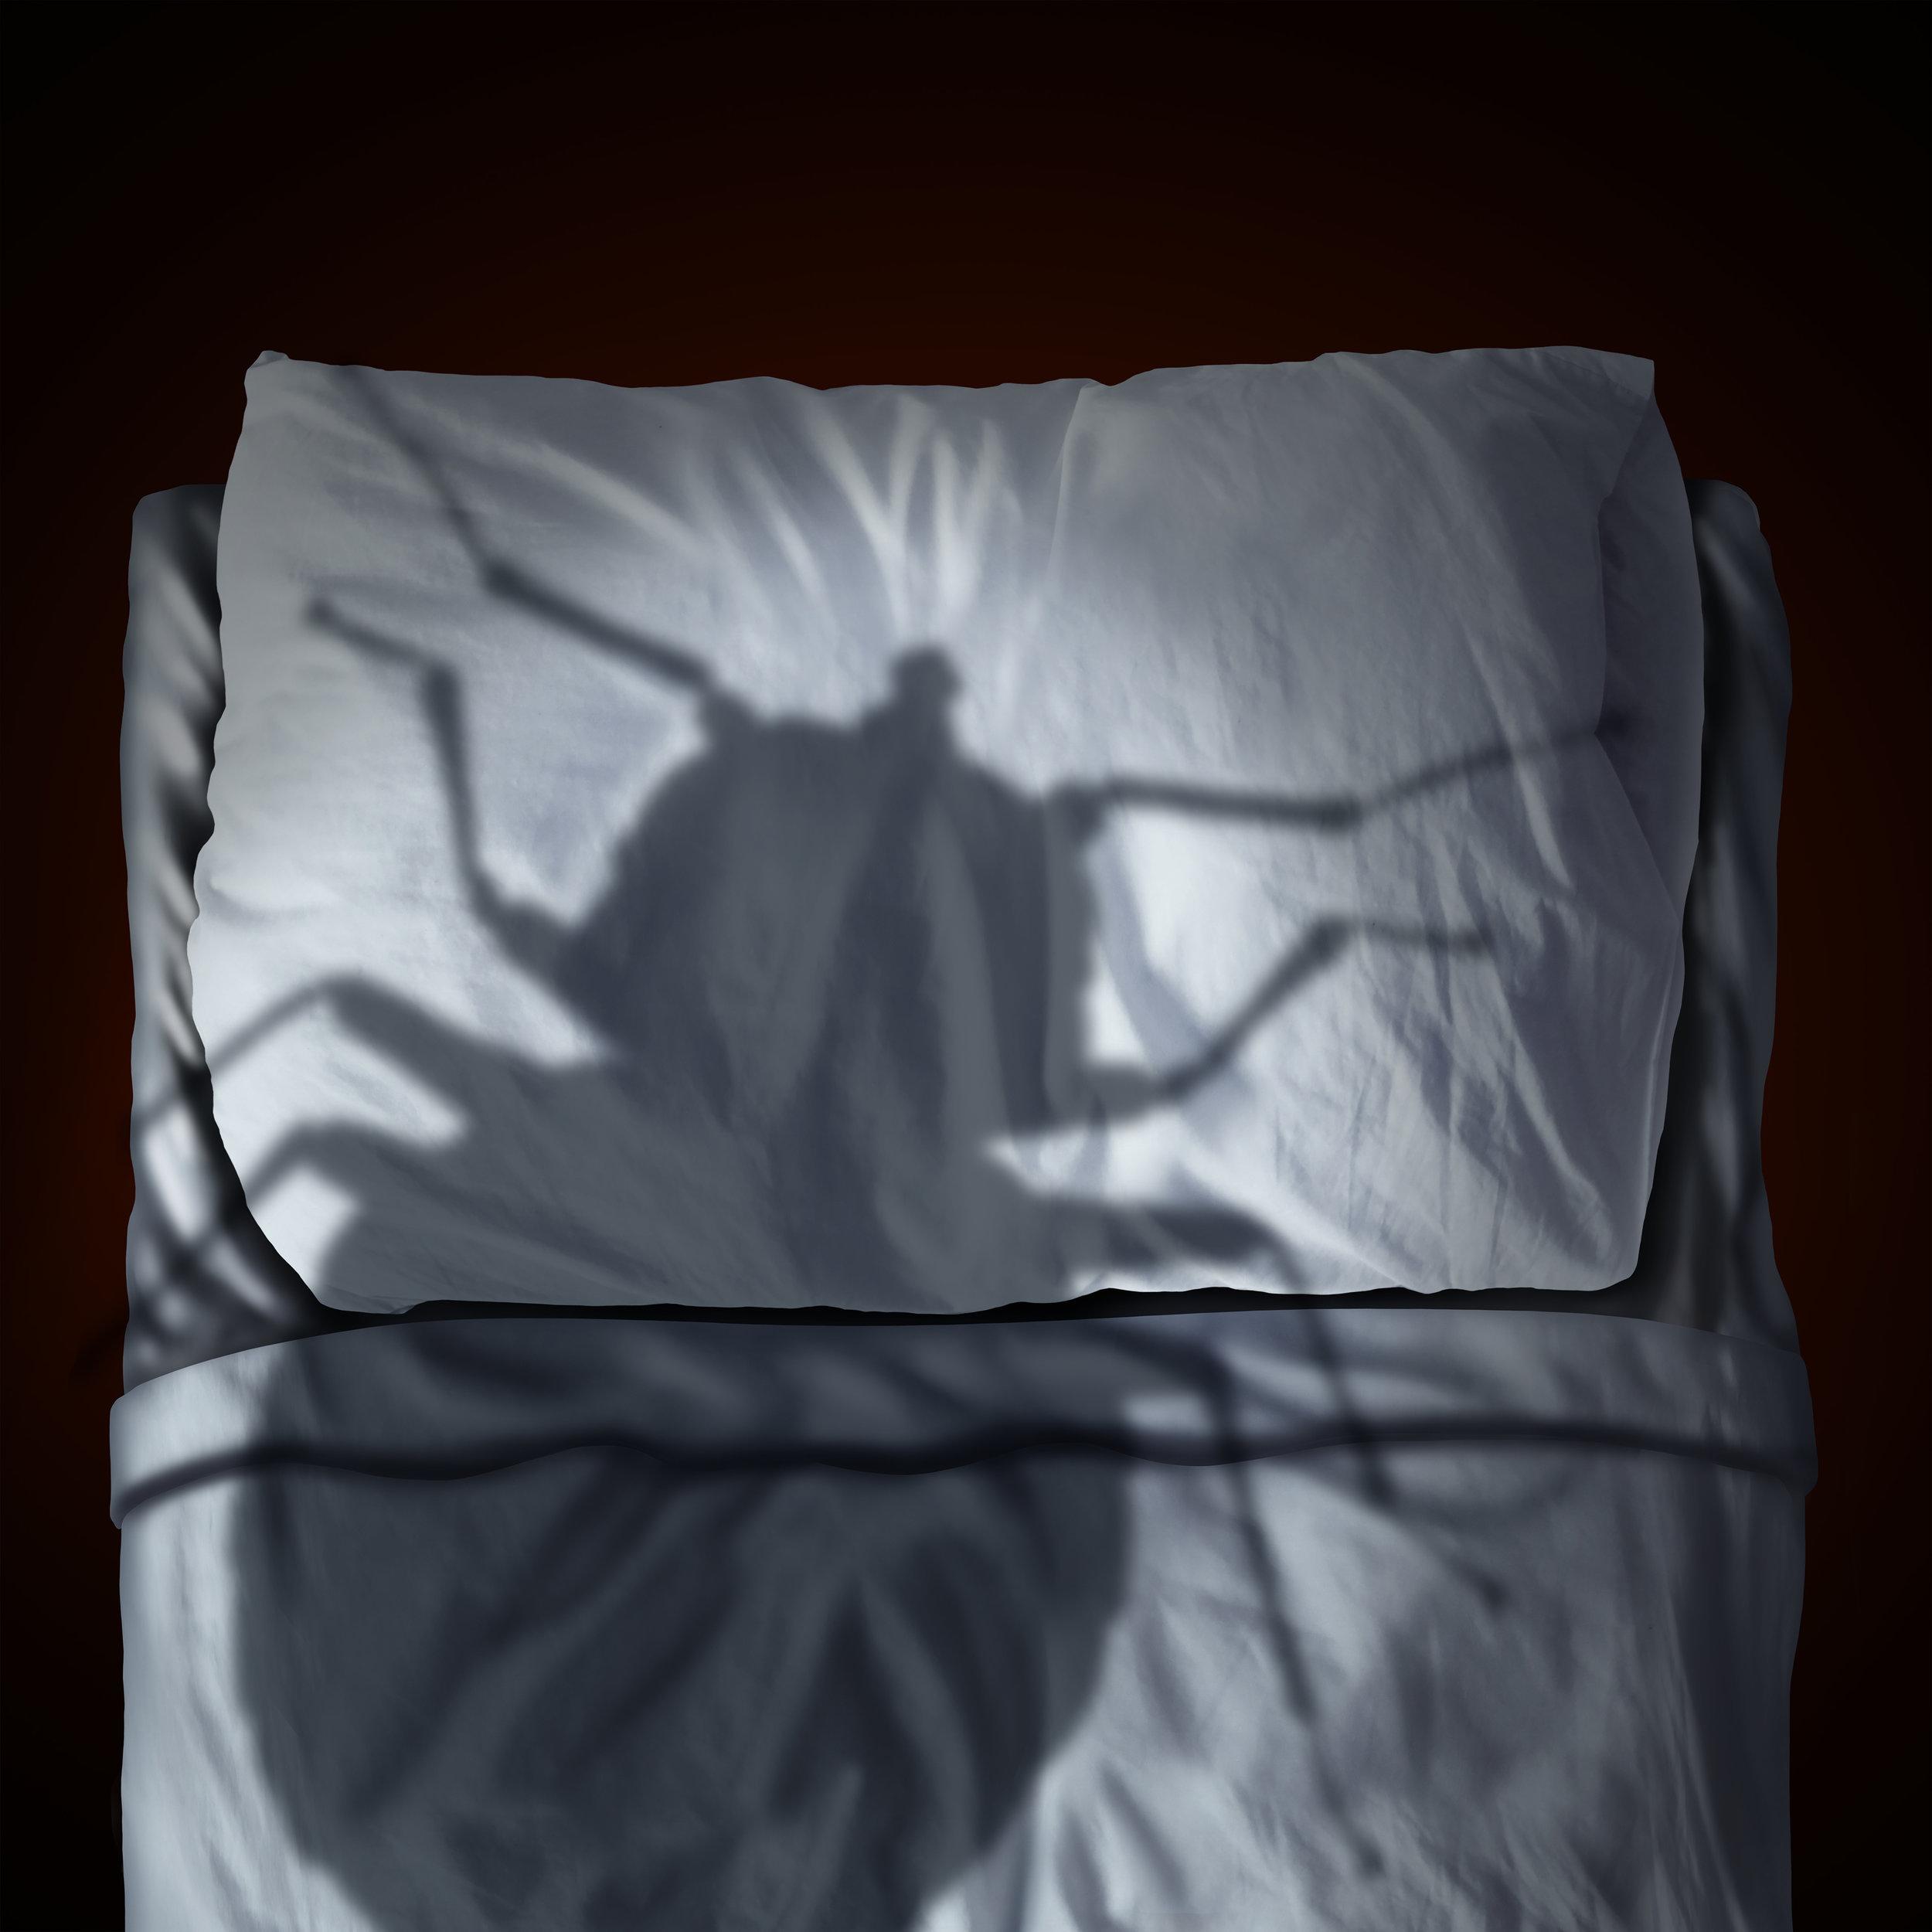 Does Bed Bug Freezing Work? Long Island, NY